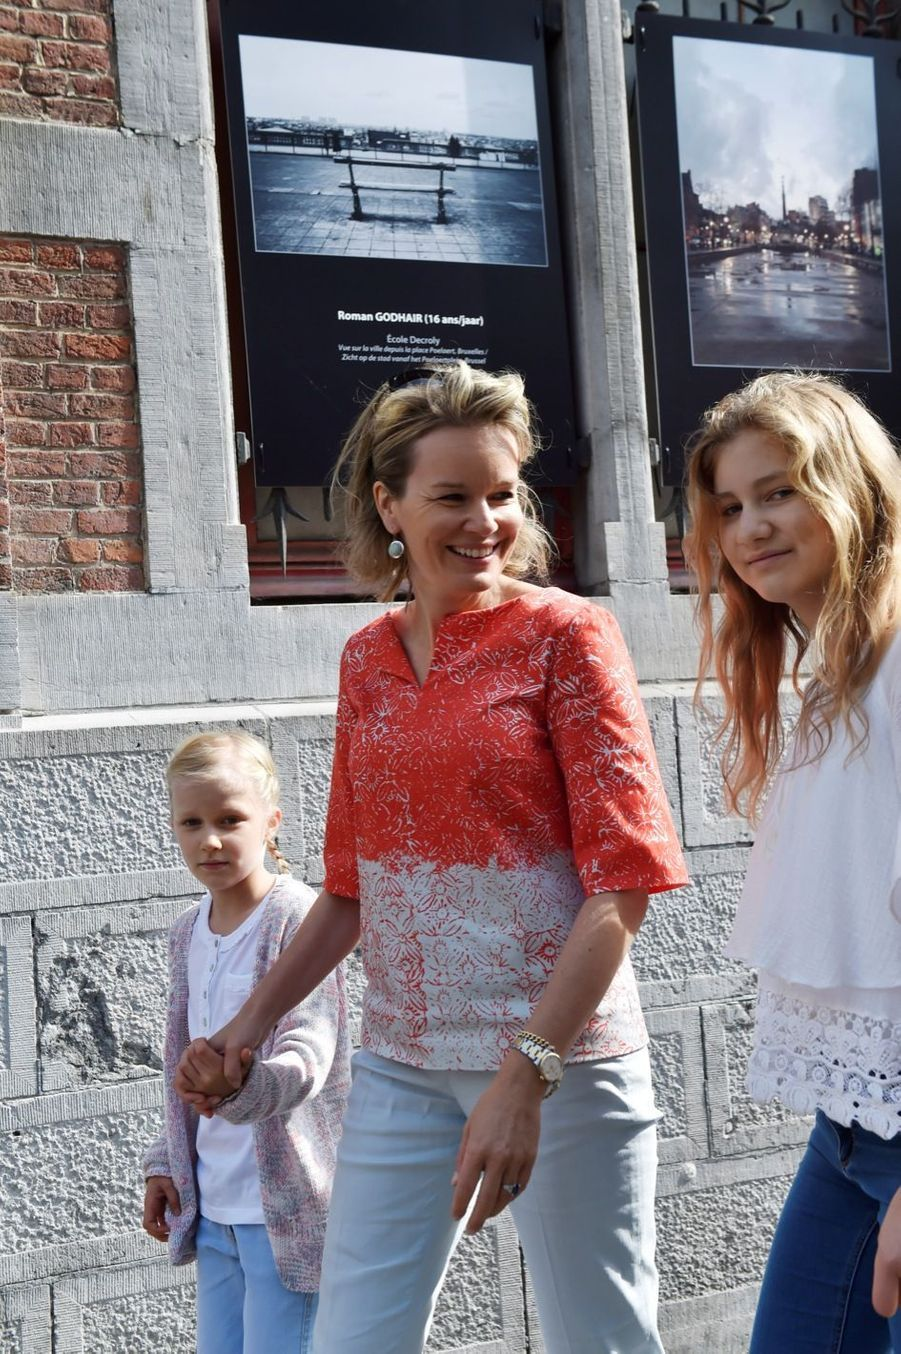 La princesse Elisabeth de Belgique avec sa soeur Eleonore et leur mère la reine Mathilde, en promenade à Bruxelles le 18 septembre 2016.